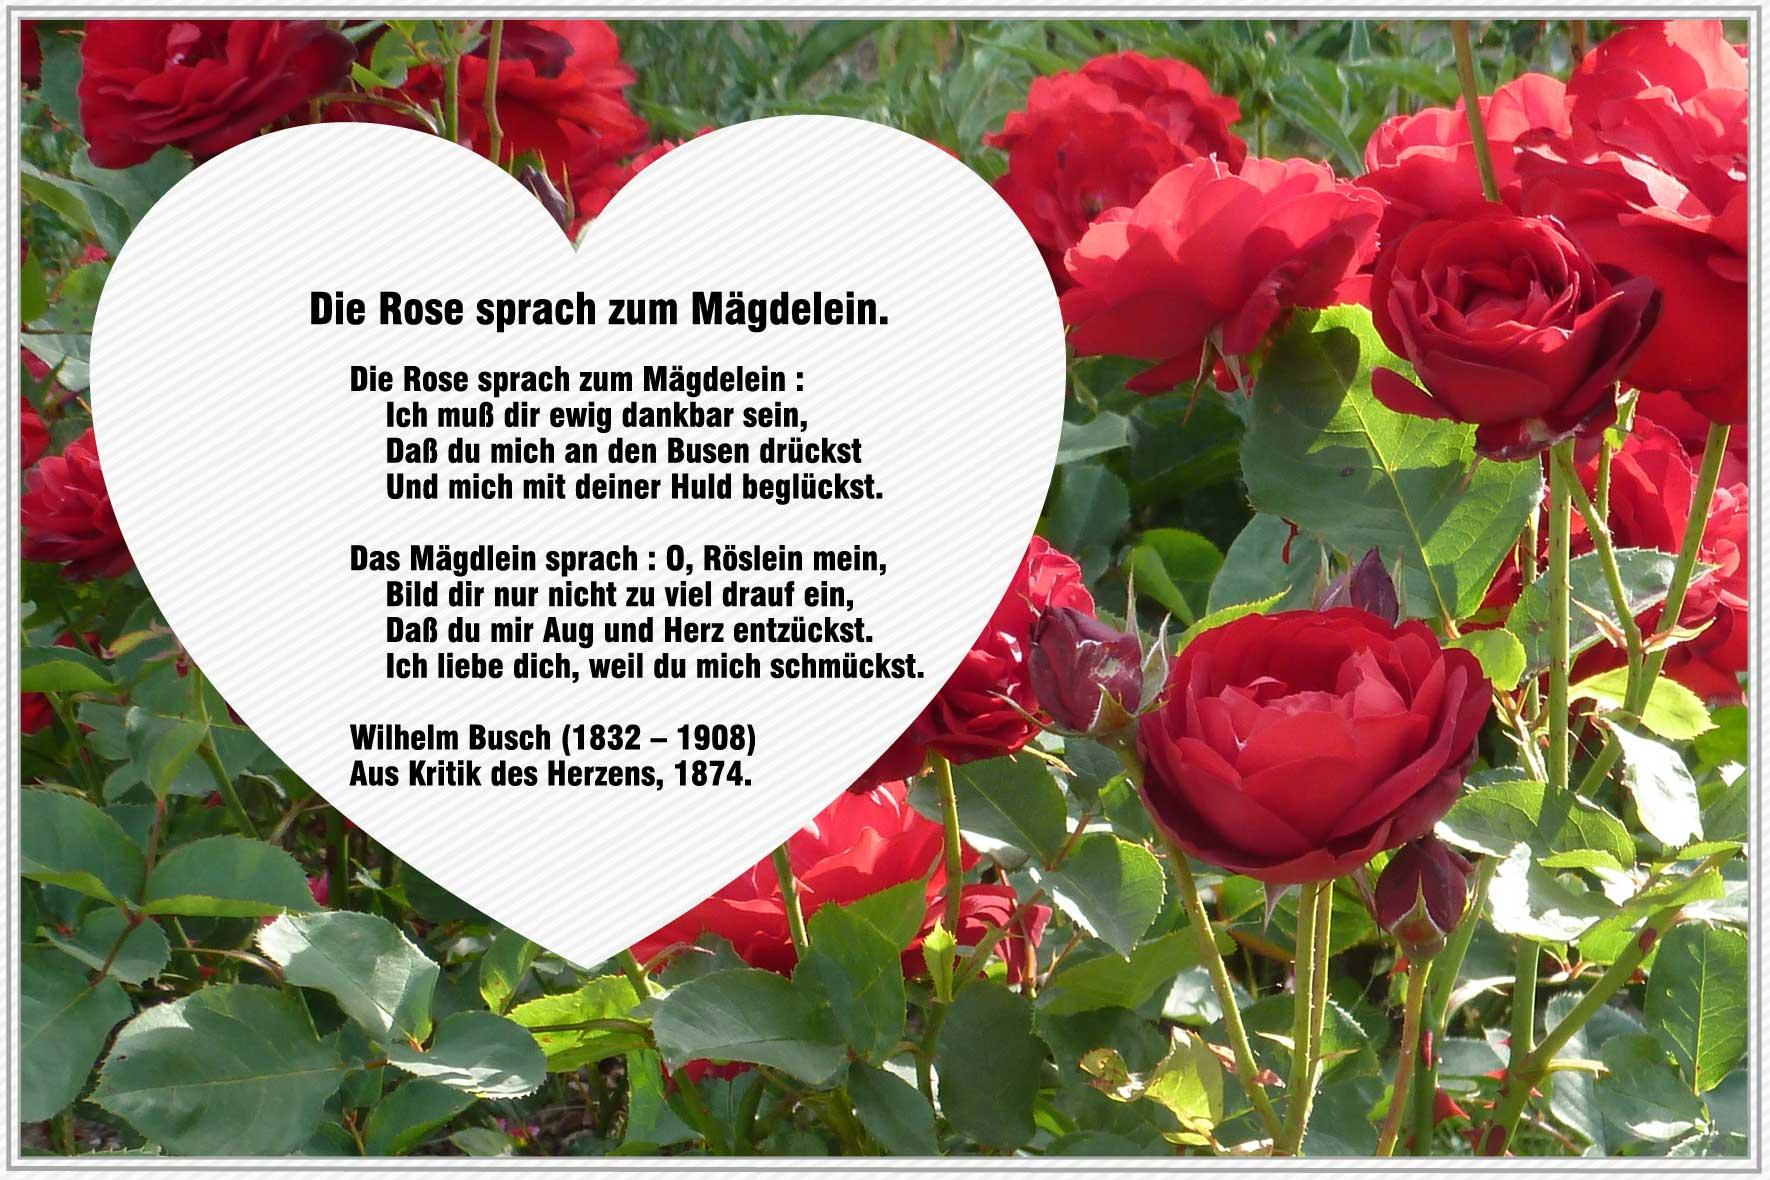 Die Rose Sprach Zum Mägdelein – Wilhelm Busch | Gedichte mit Wilhelm Busch Geburtstag Gedicht